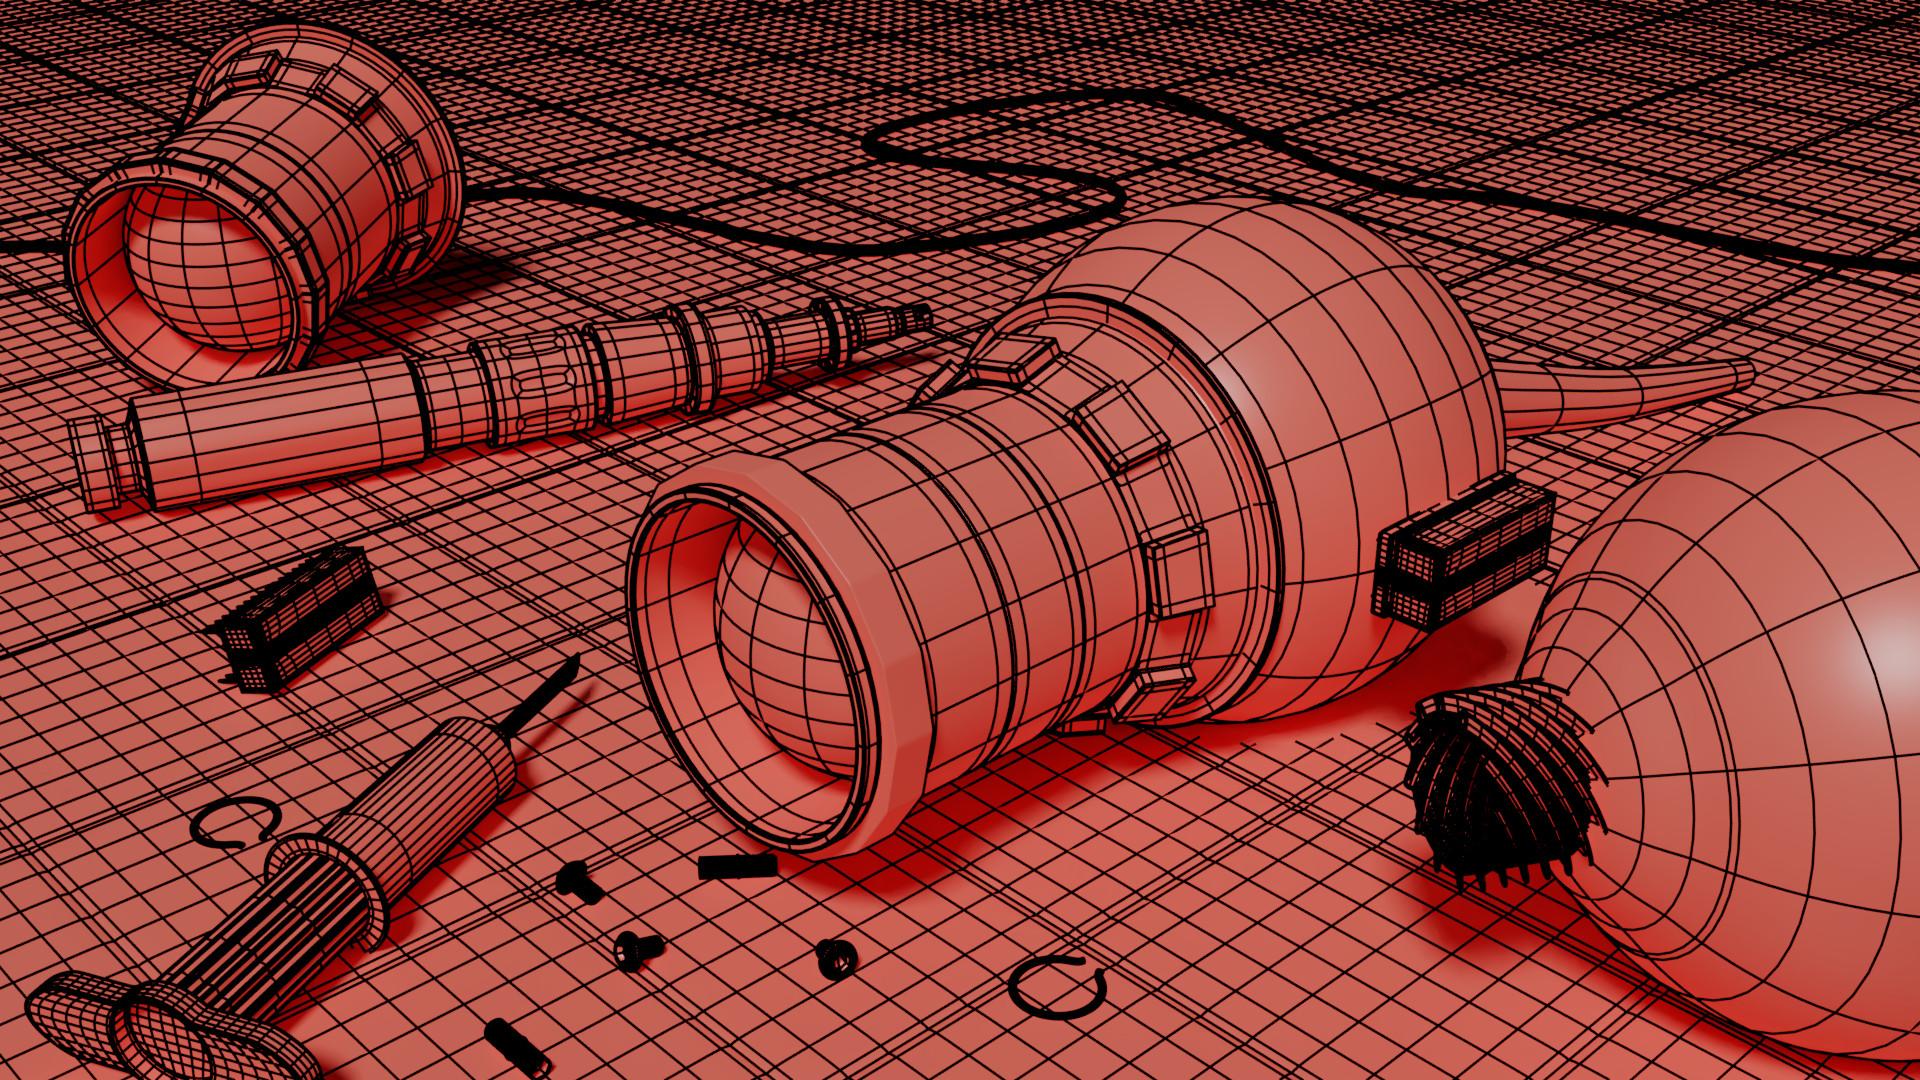 Stephen koehler bionic clay wire